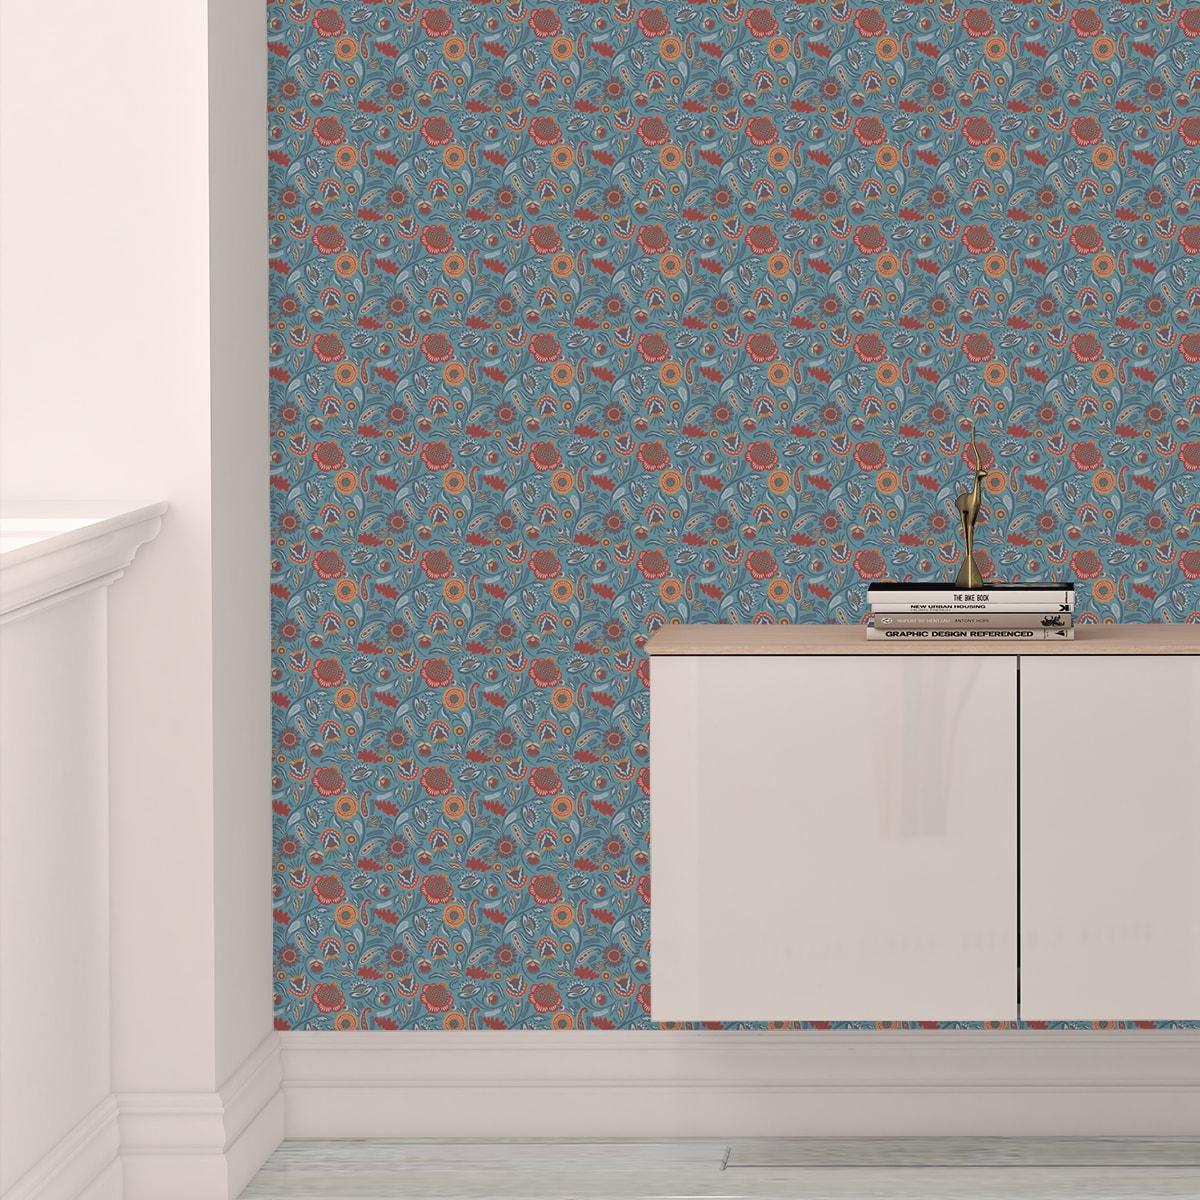 Schlafzimmer tapezieren in mittelblau: Folklore Blumentapete Garten Vintage Stil in hellblau - Vliestapete Blumen für Schlafzimmer